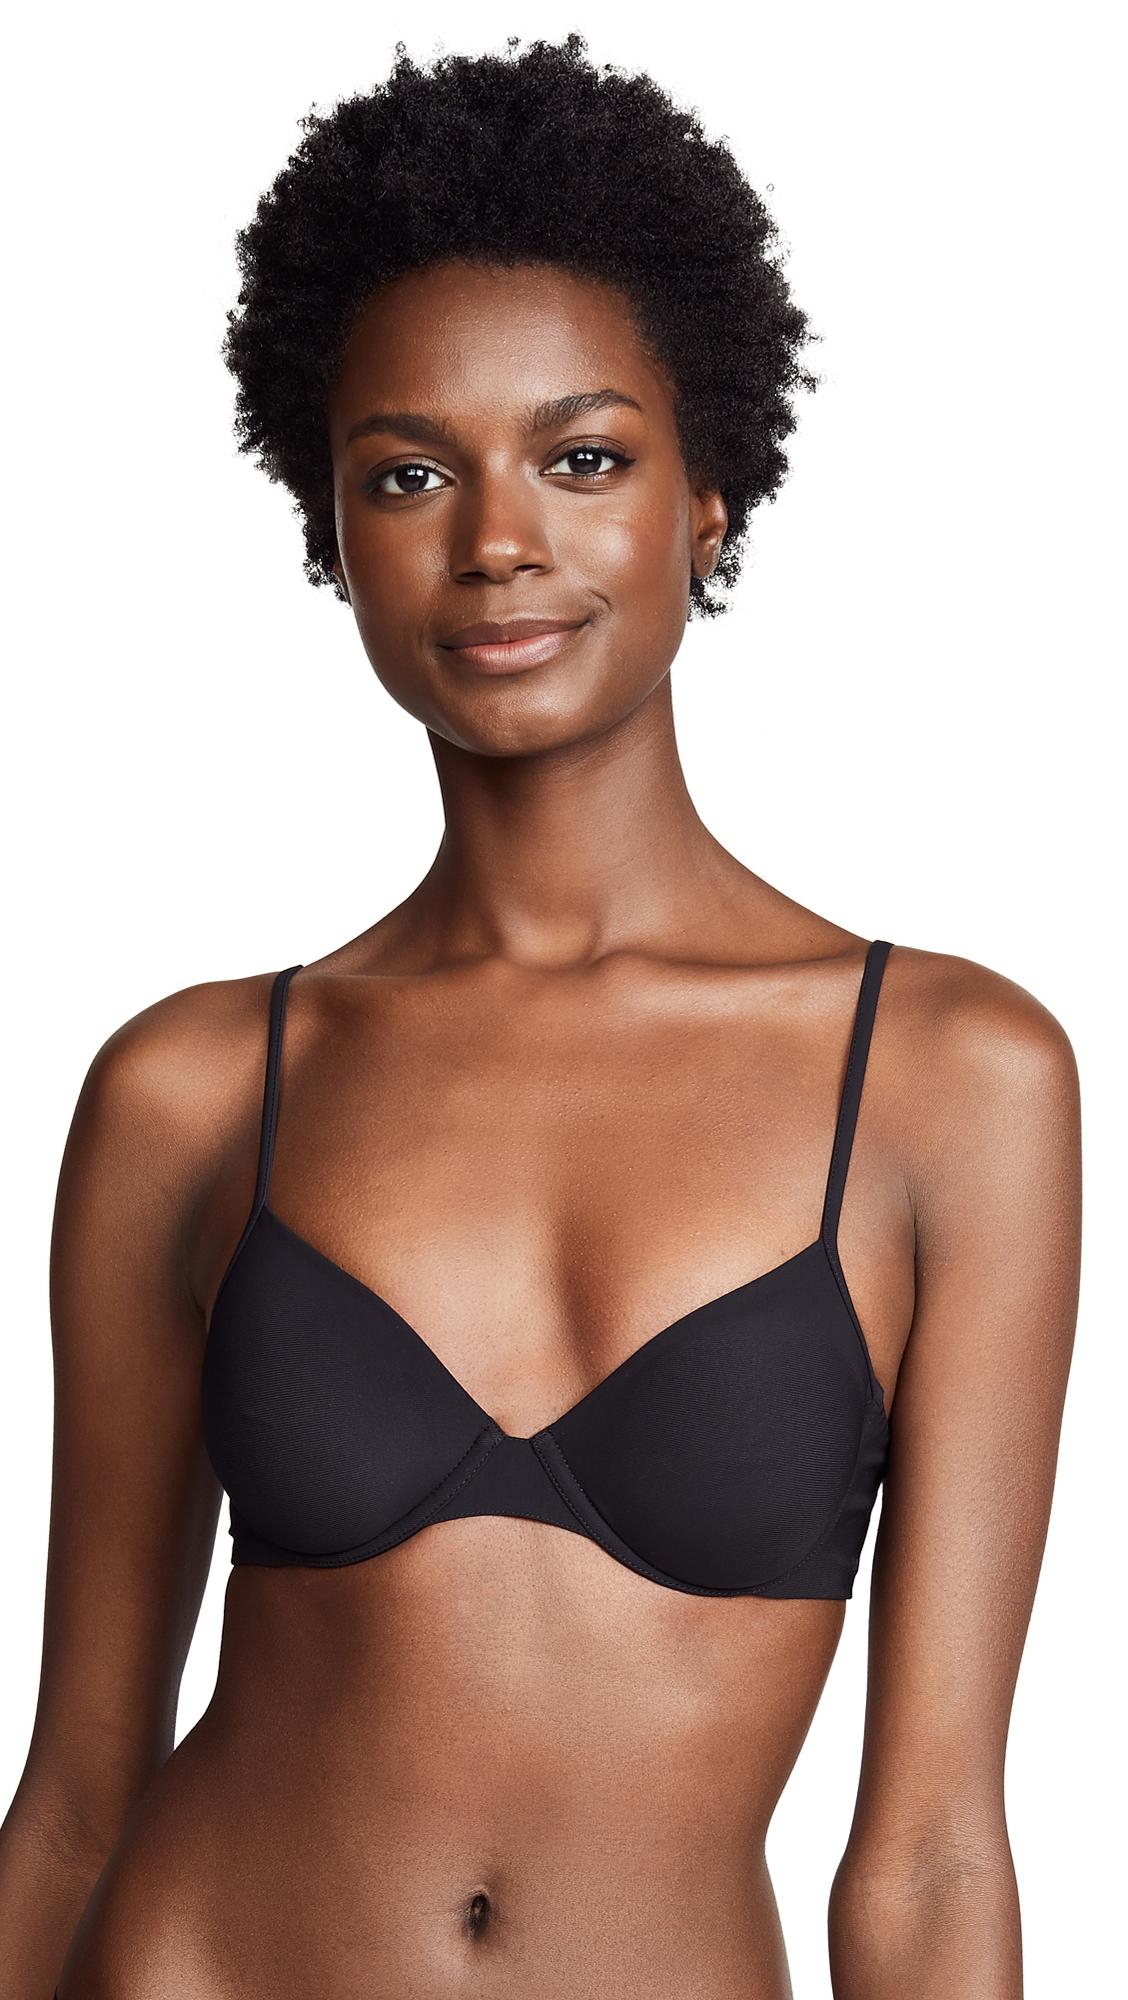 La Perla Second Skin Bra